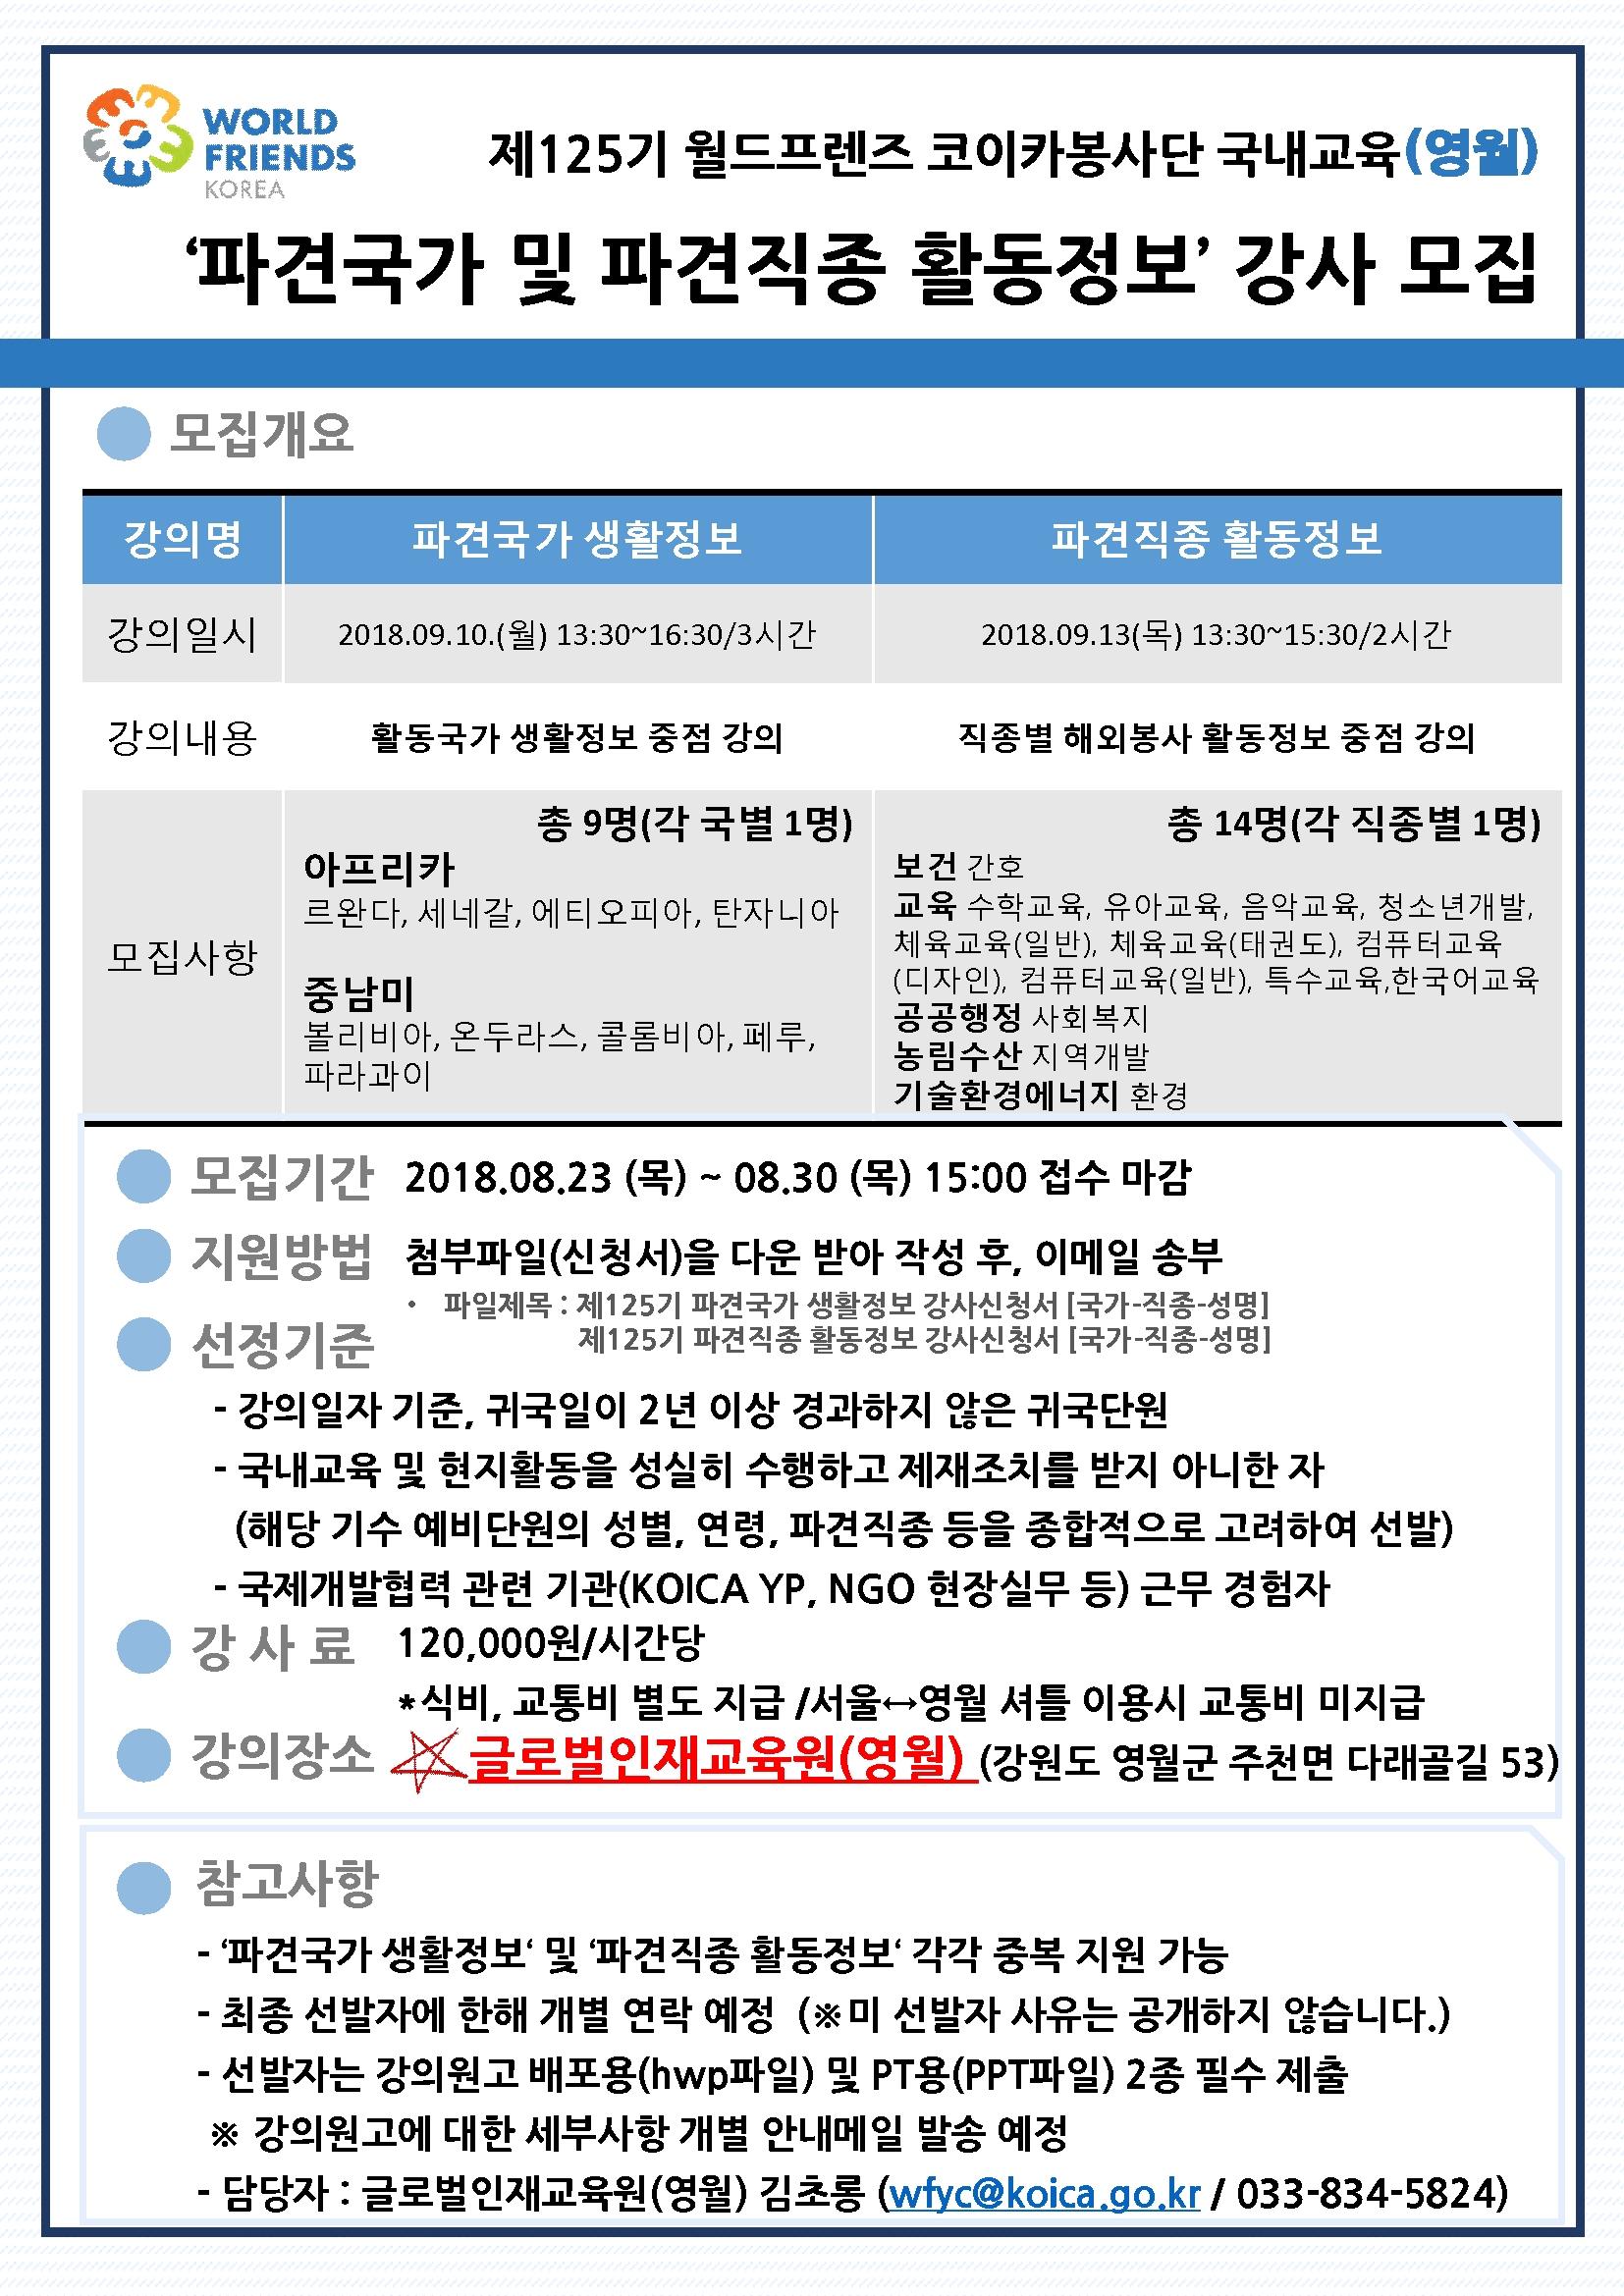 125기 파견국가 및 파견직종별 사례발표 공고문.jpg